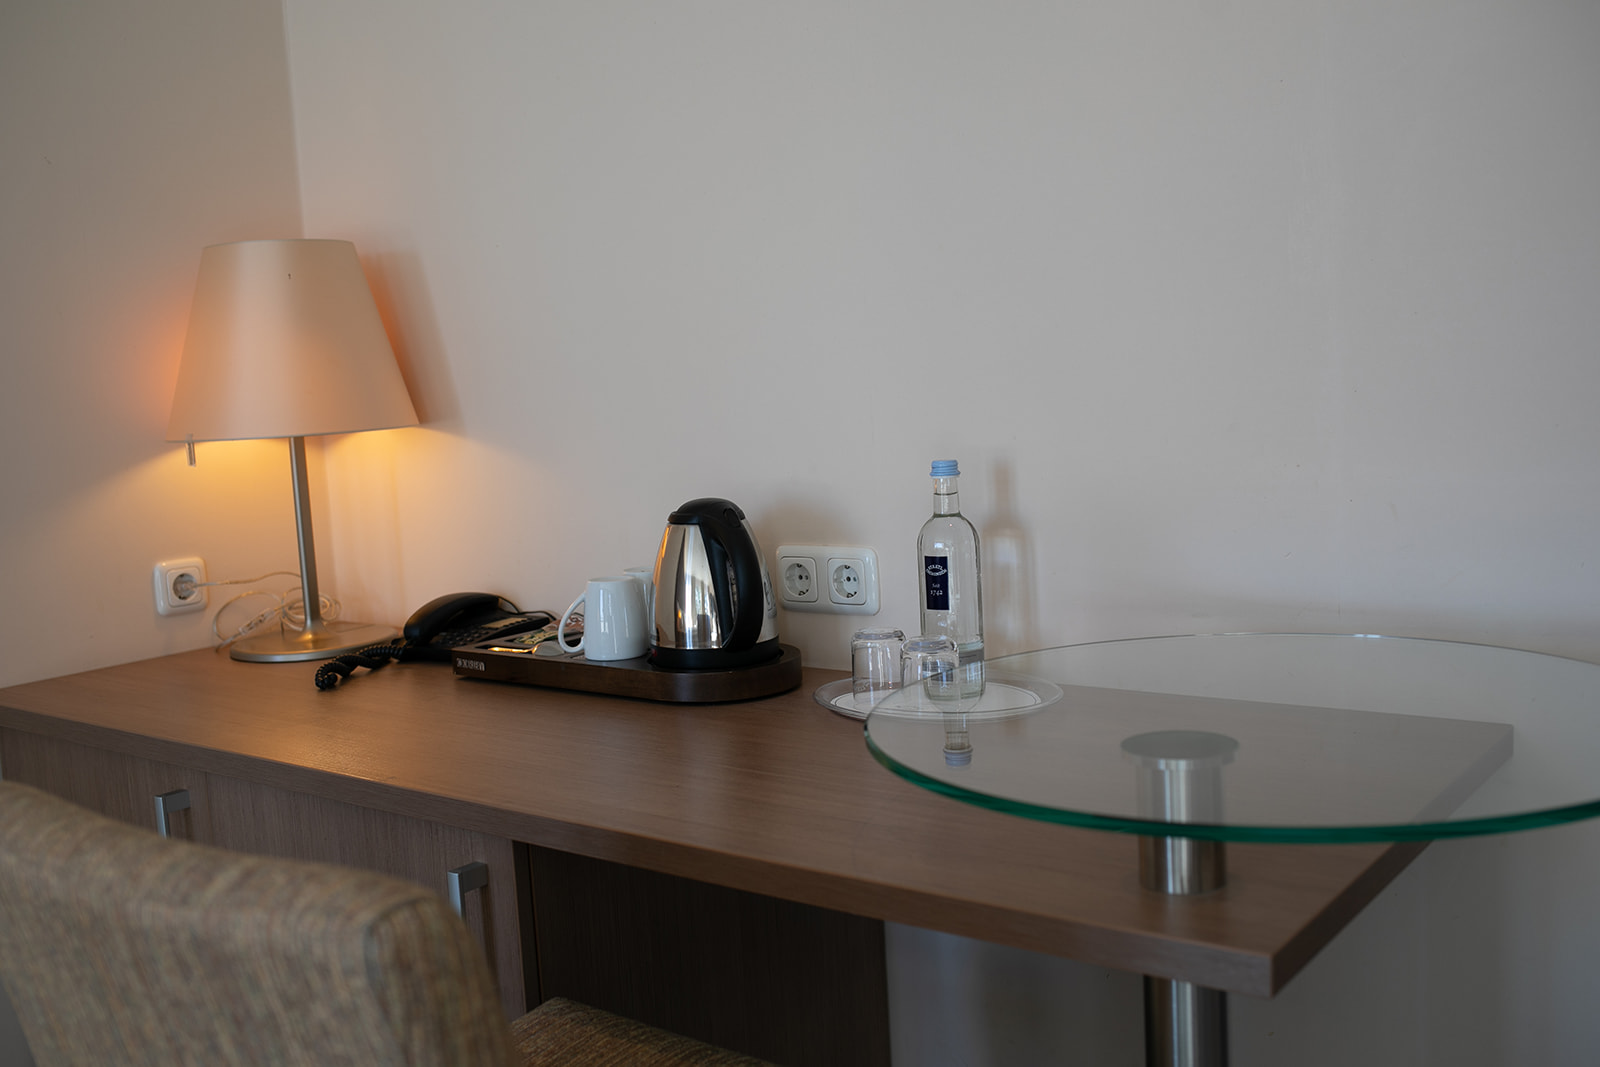 Schreibtisch mit kostenlosem Kaffee, Tee und Wasser